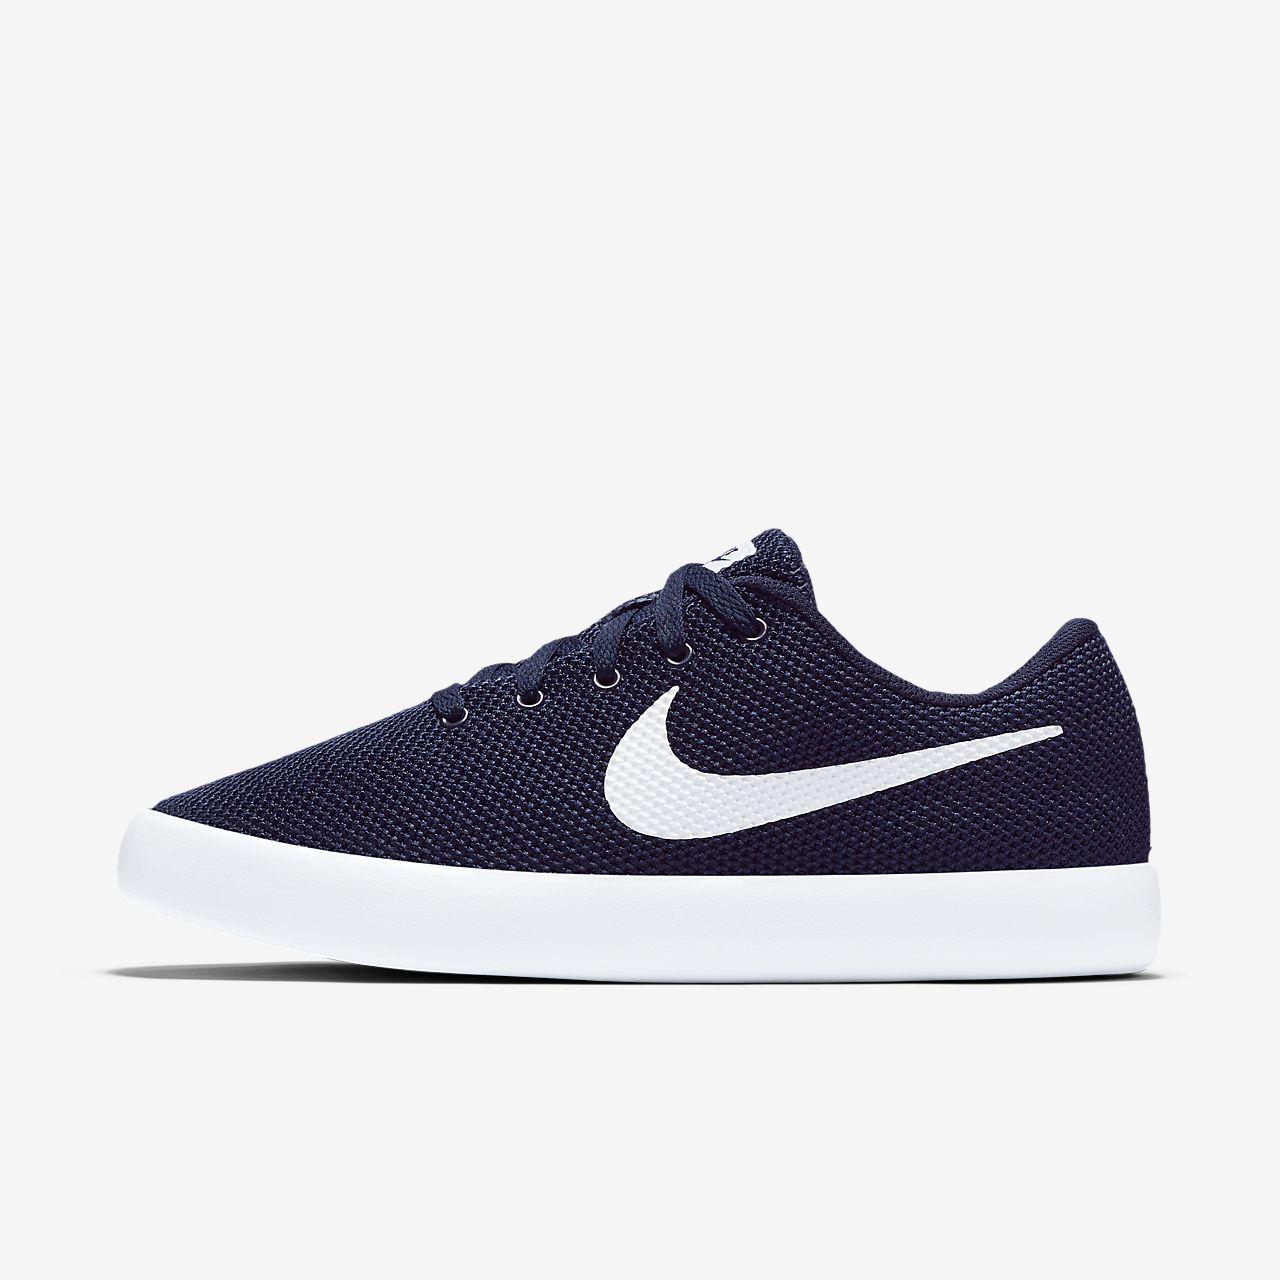 Nike Essentialist 男子运动鞋